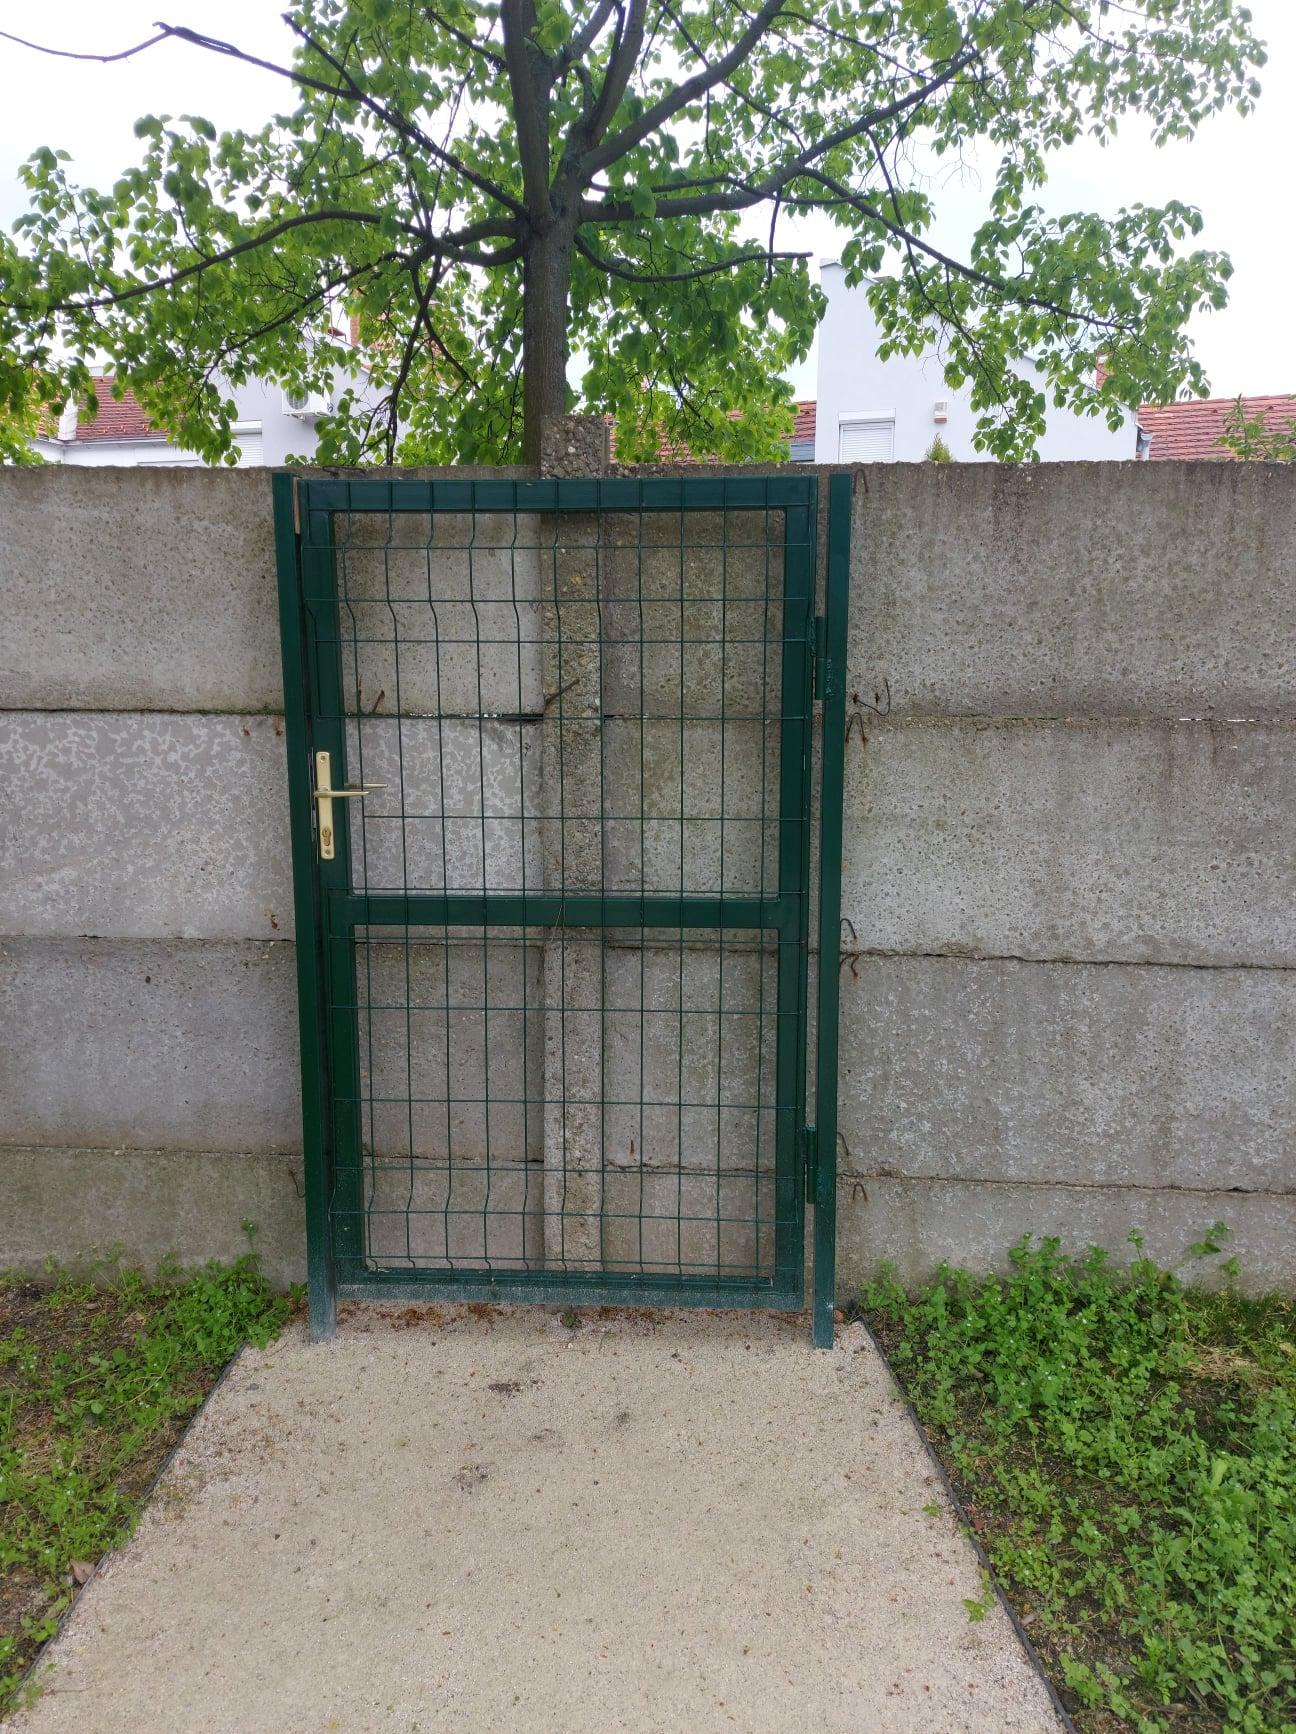 Benne volt a pályázatban, szóval kaput raktak a szolnoki betonfalra